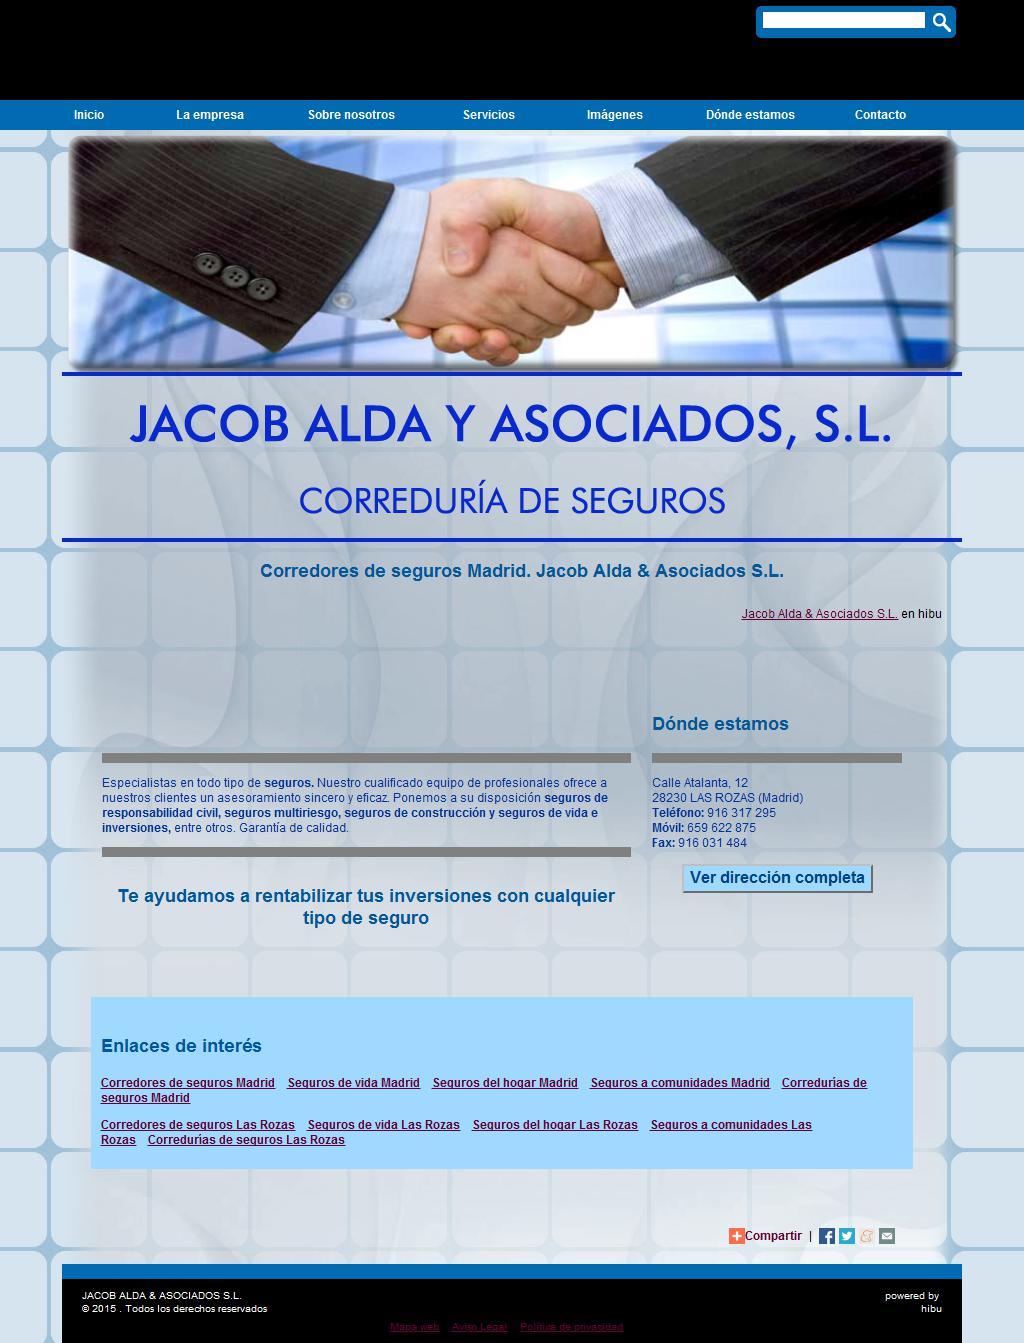 Jacob Alda Y Asociados S.l.